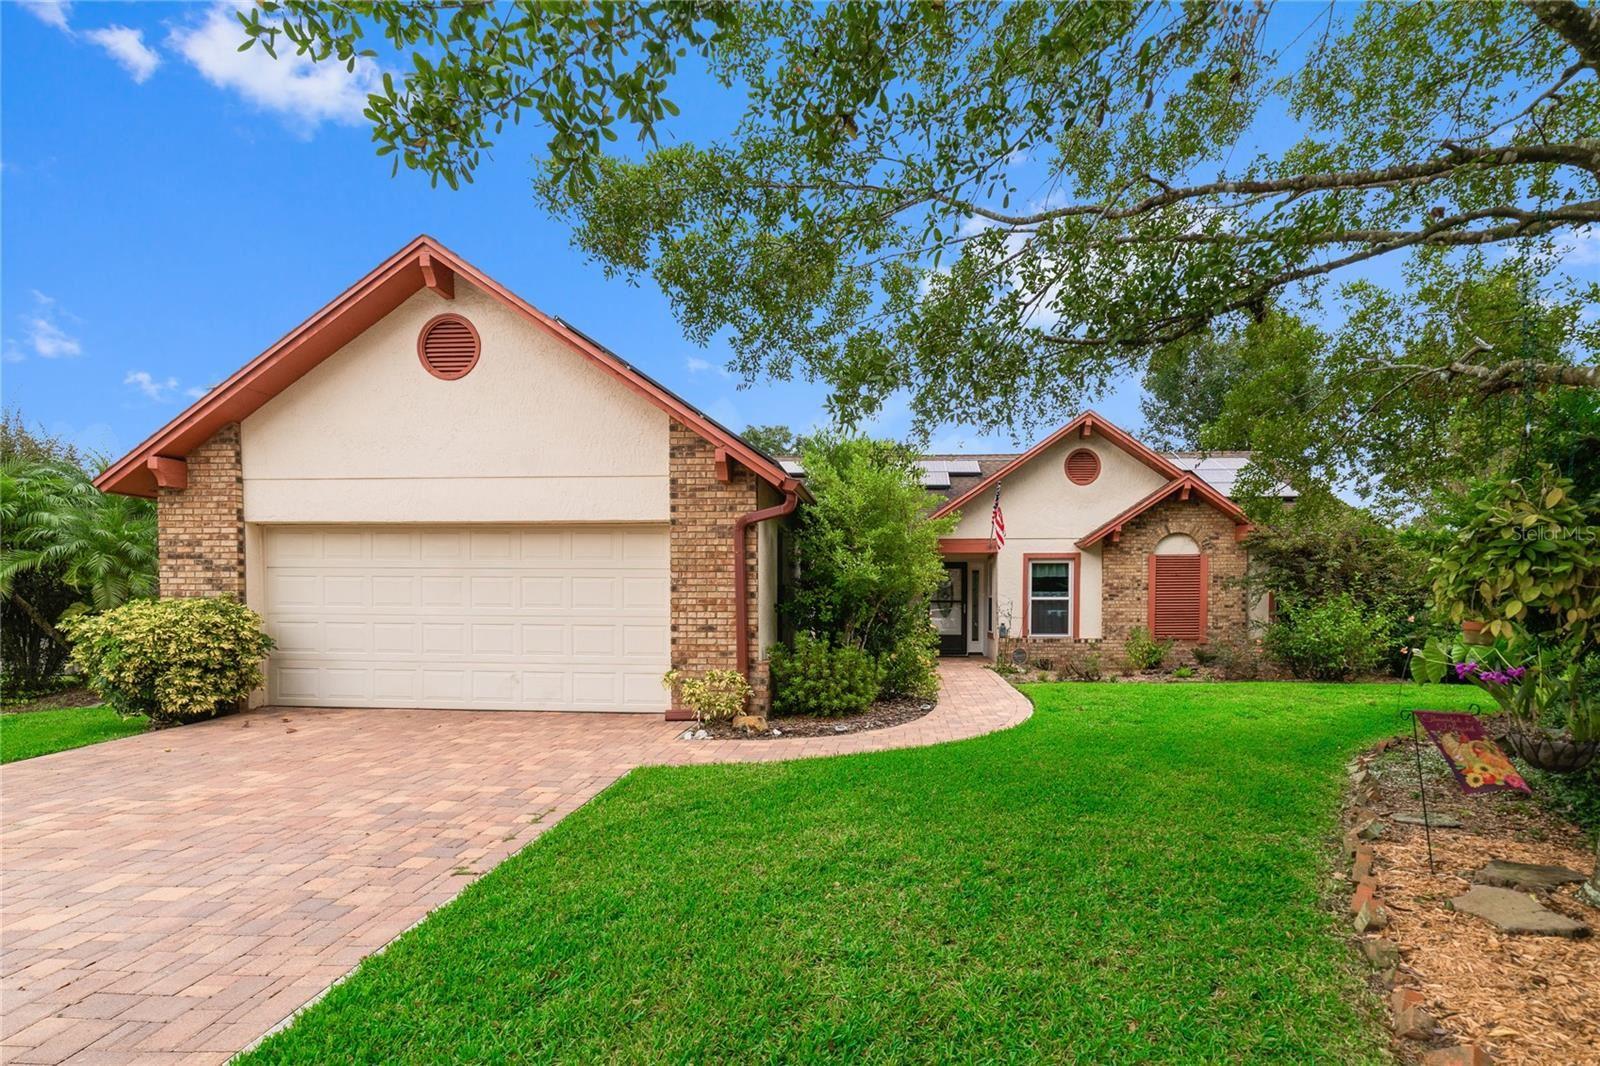 405 S BUCKSKIN WAY, Winter Springs, FL 32708 - #: O5979271